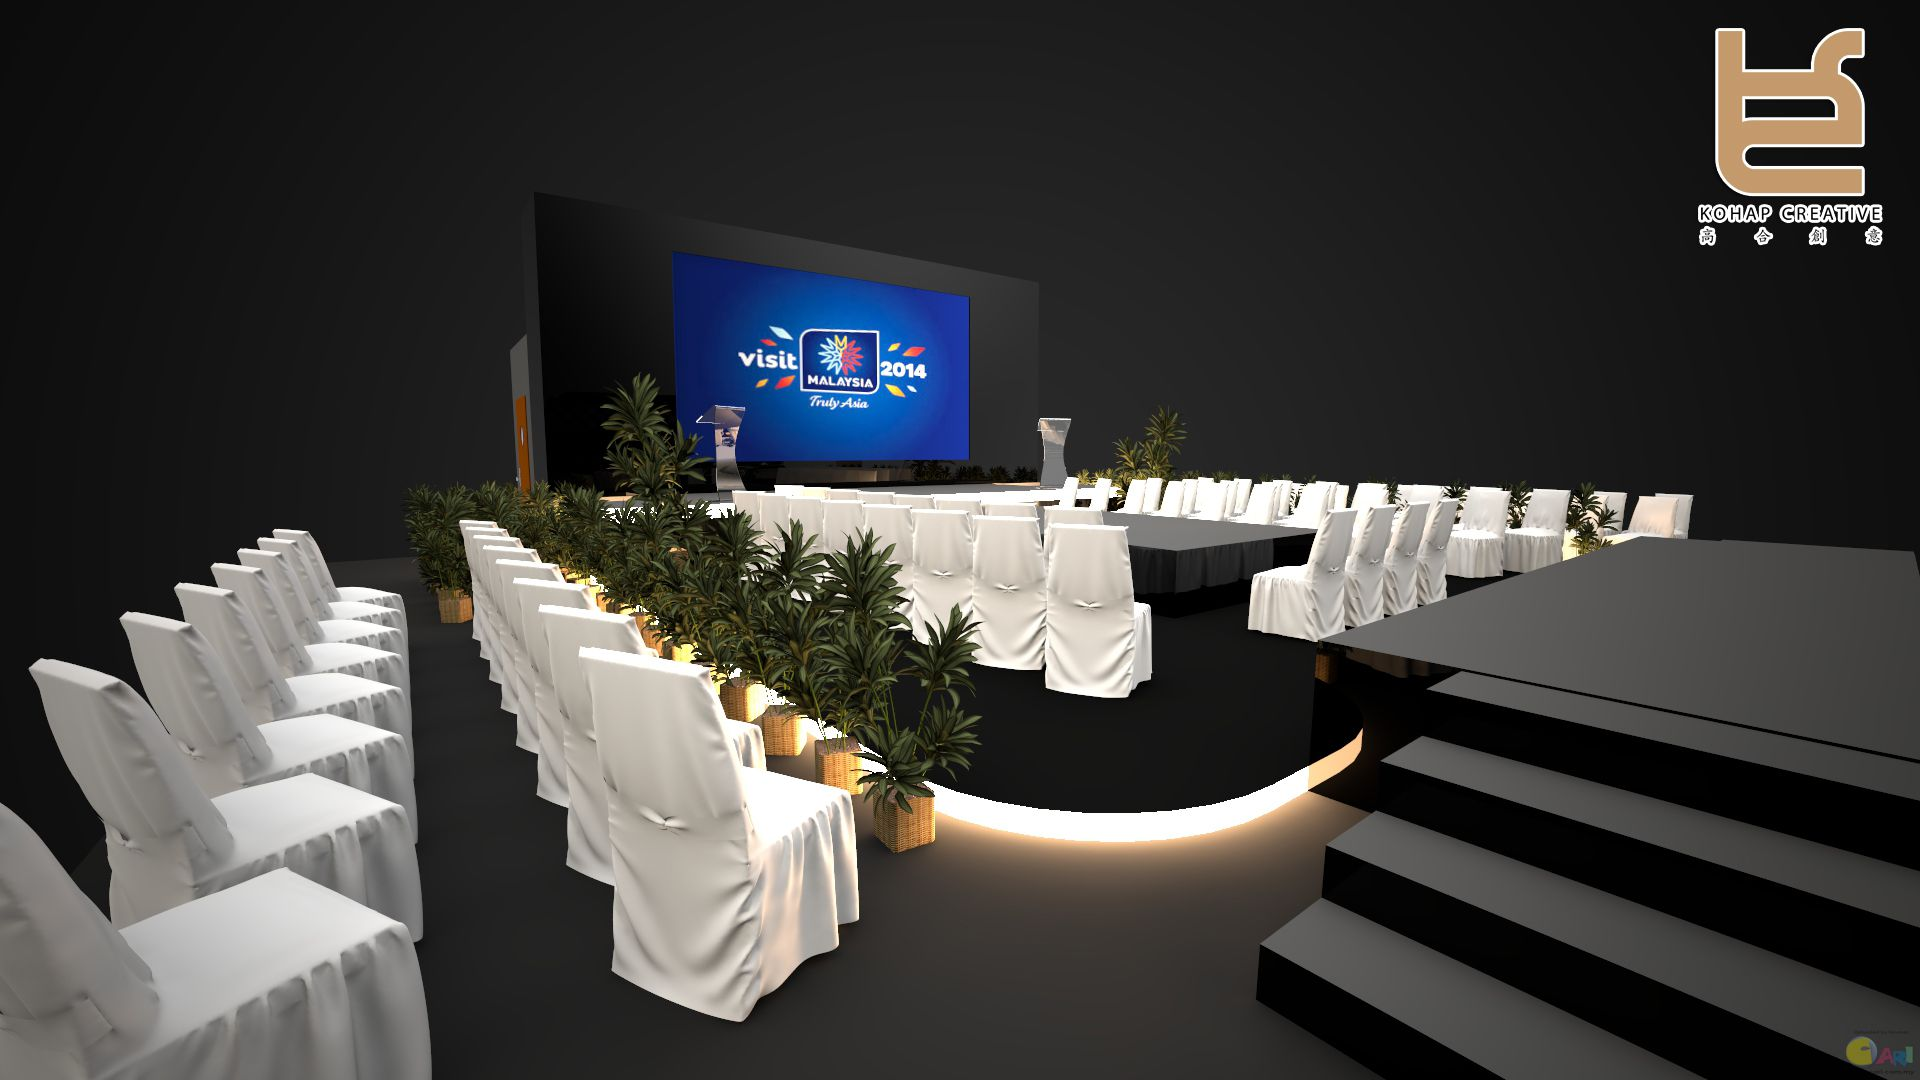 KC_VM2014_Event_View_04.jpg